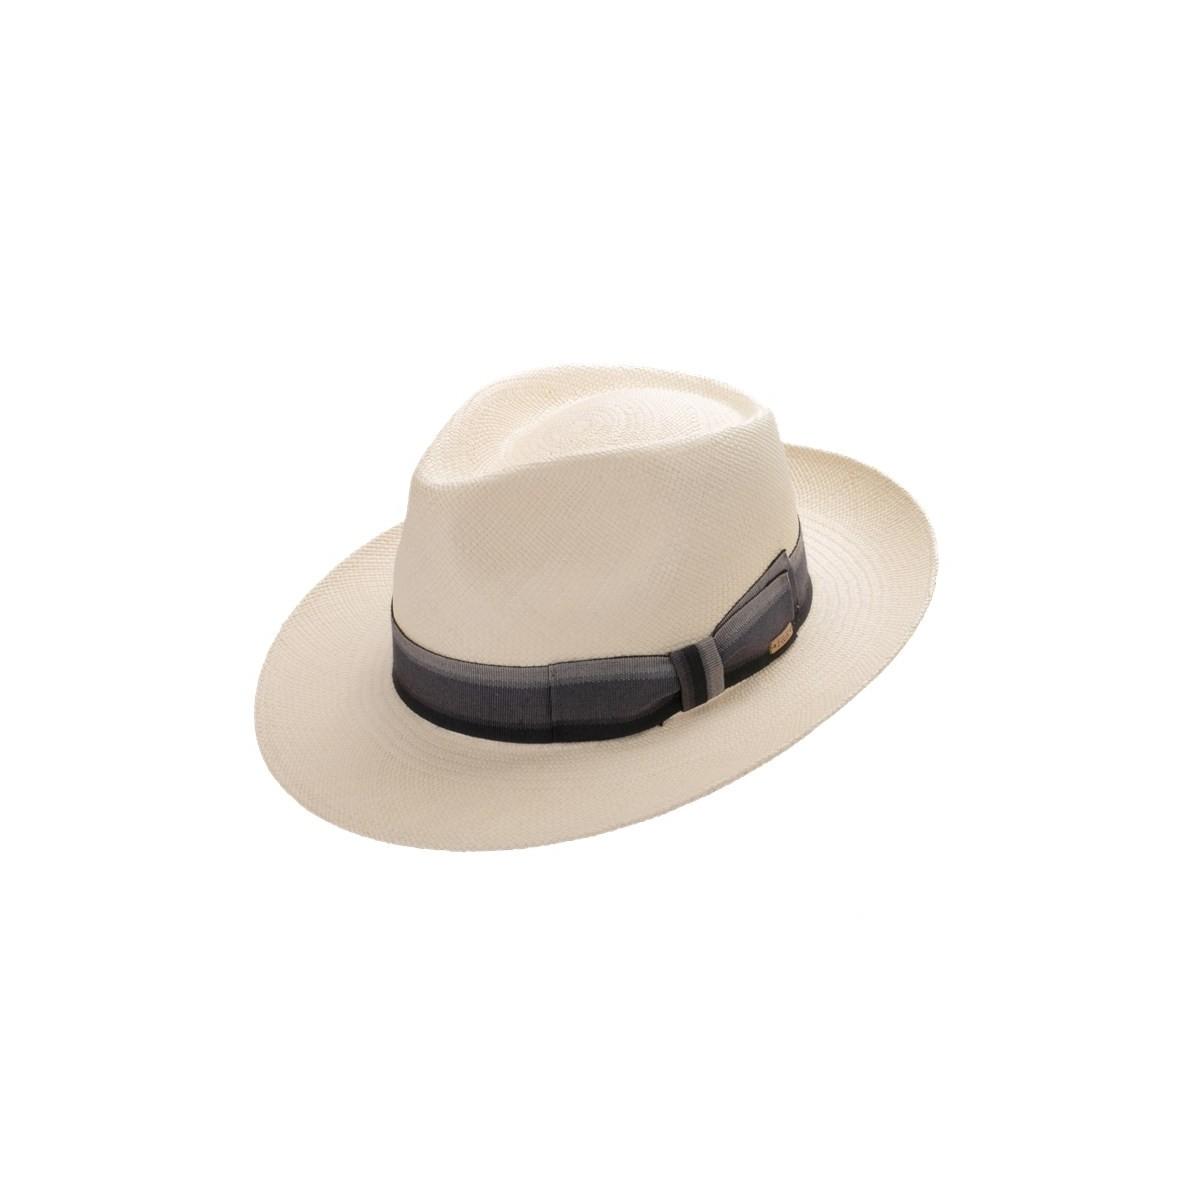 Bour sombrero de hombre panamá color natural y cinta de rayas grises. Fernández y ROCHE